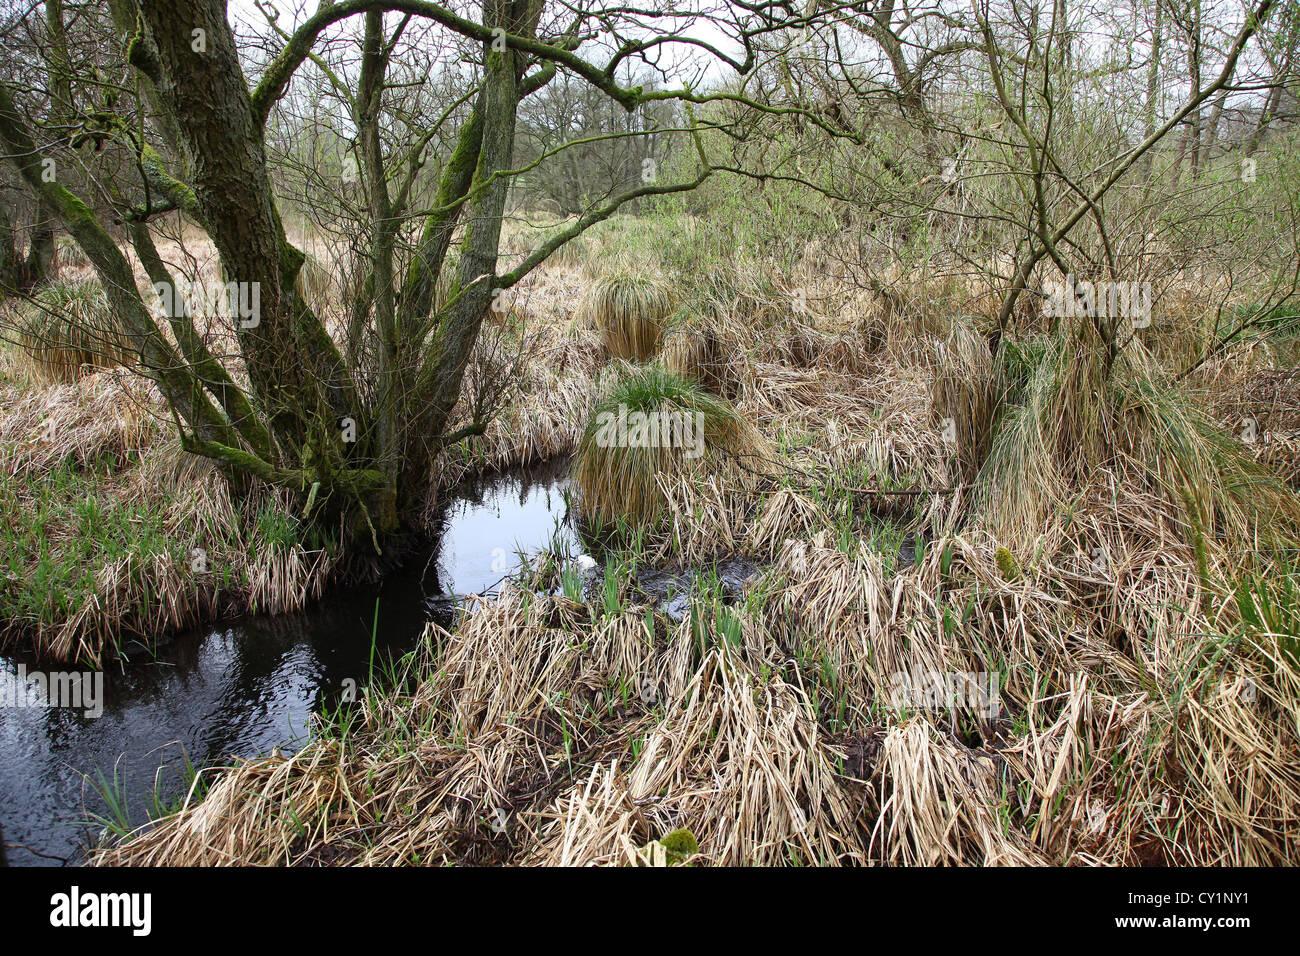 Schläger-Segge (Carex Stricta) bei Jacksons Niederwald Staffordshire England UK Stockfoto